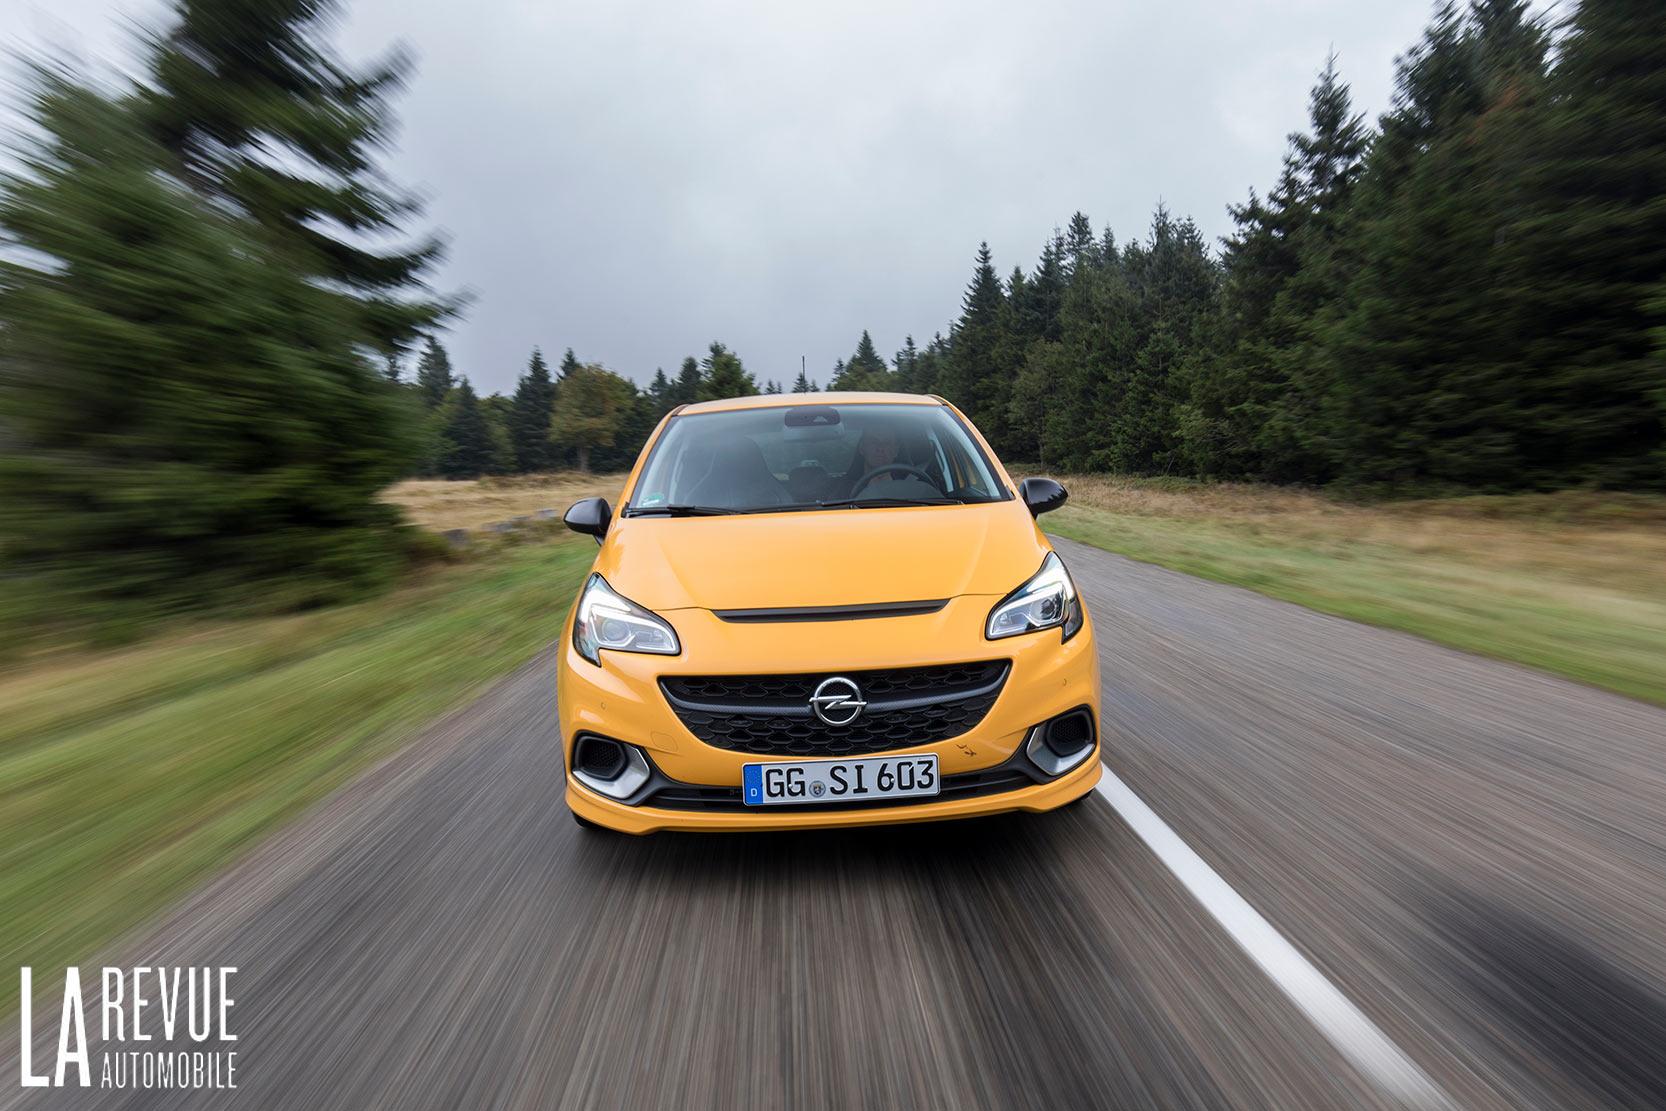 L'Essai de l'Opel Corsa GSi jaune et ses 150 chevaux